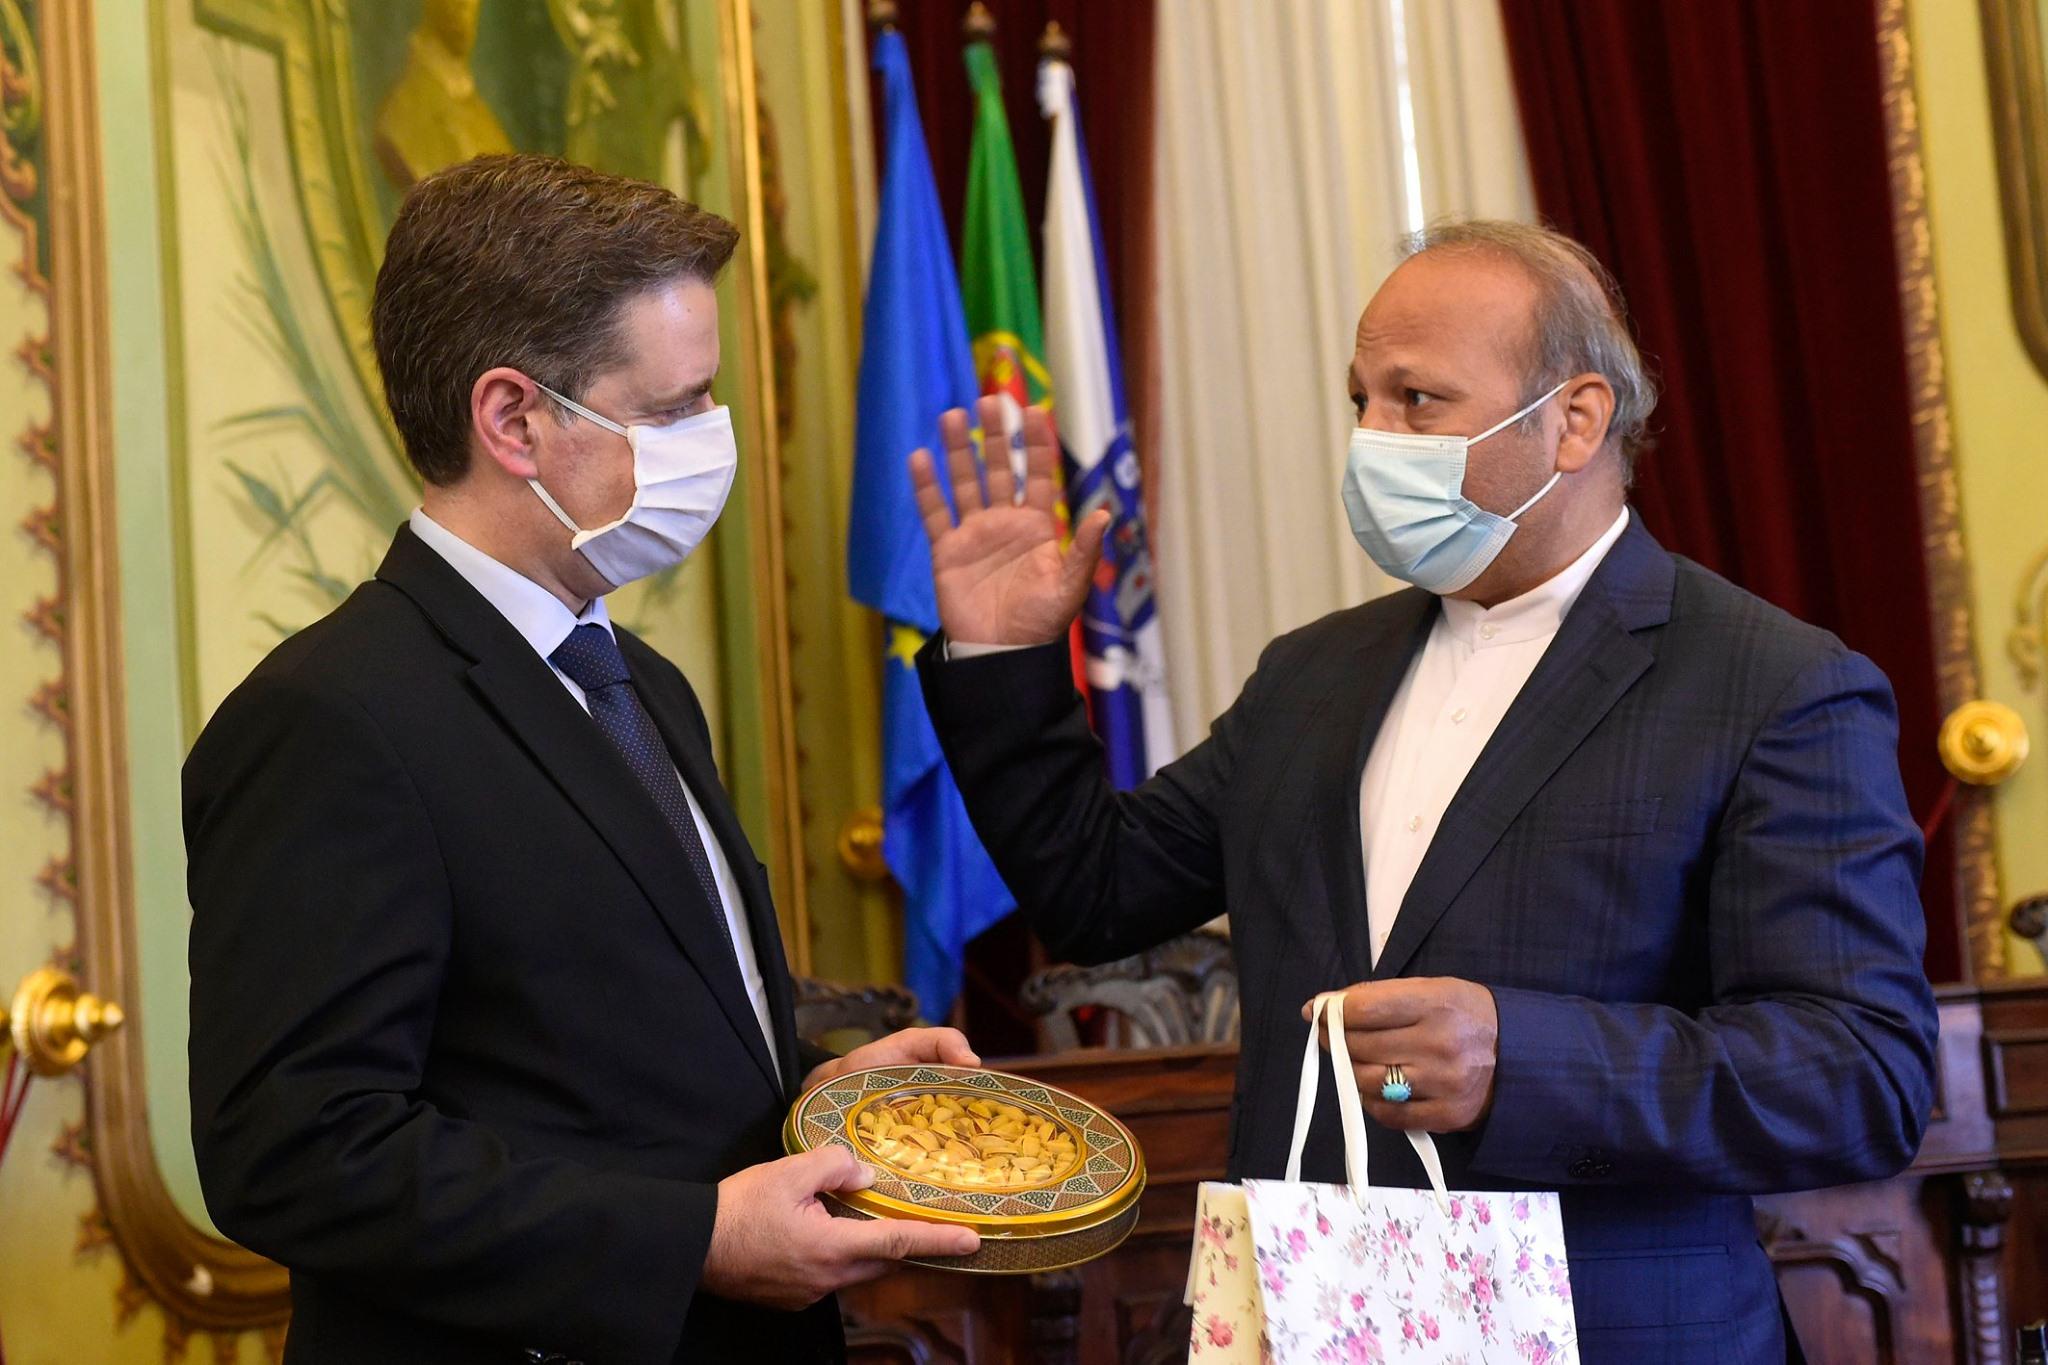 Trump proíbe Irão de comprar medicamentos a Portugal, afirma em Braga embaixador iraniano